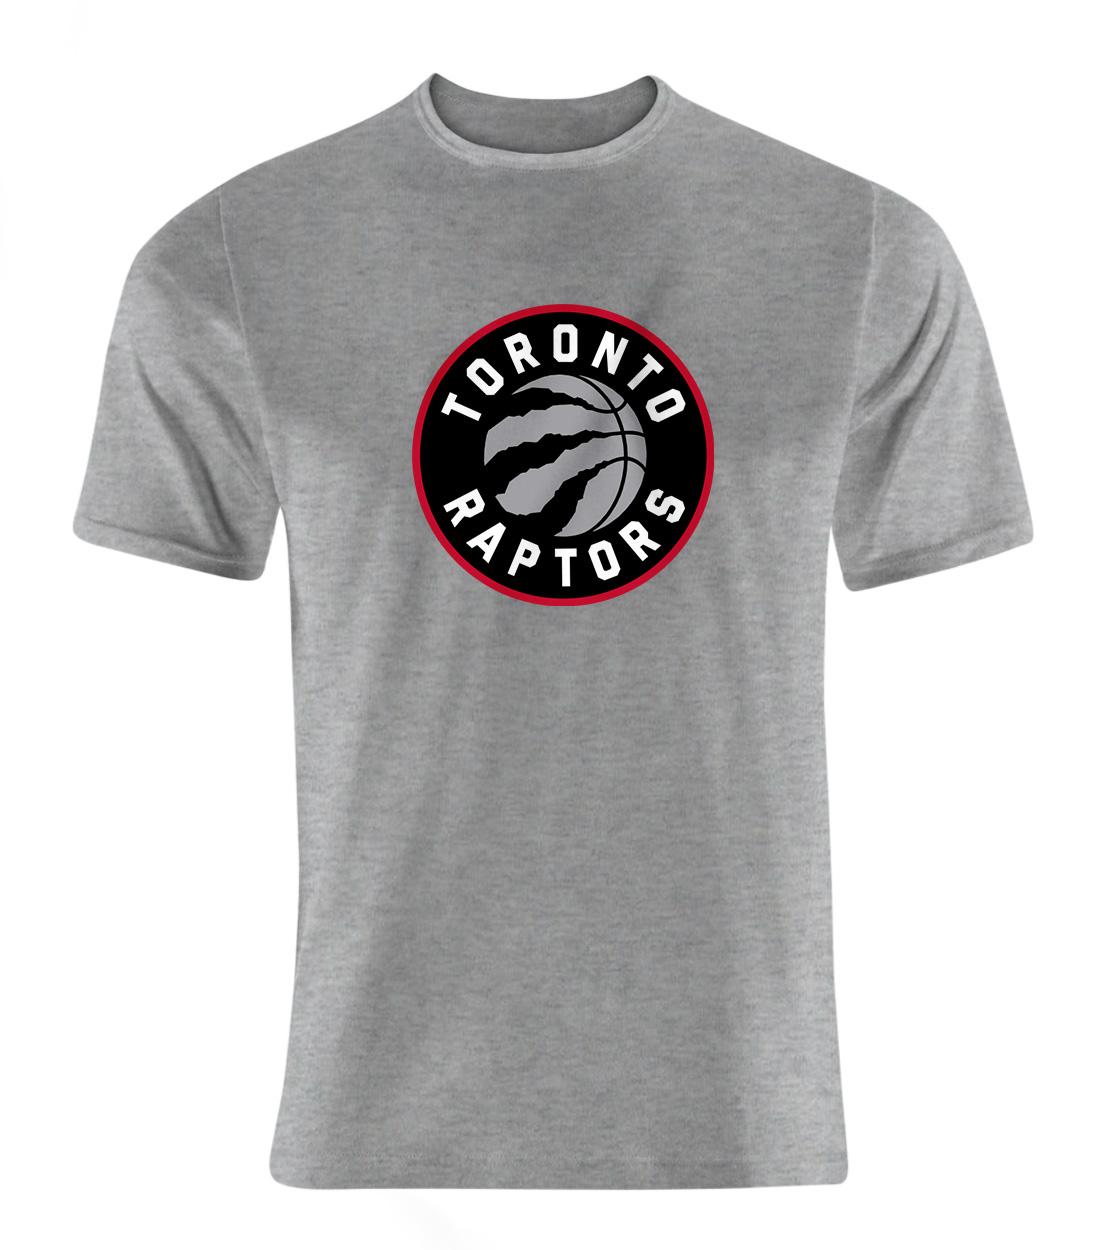 Toronto Raptors Tshirt (TSH-GRY-NP-197-NBA-TOR-LOGO)